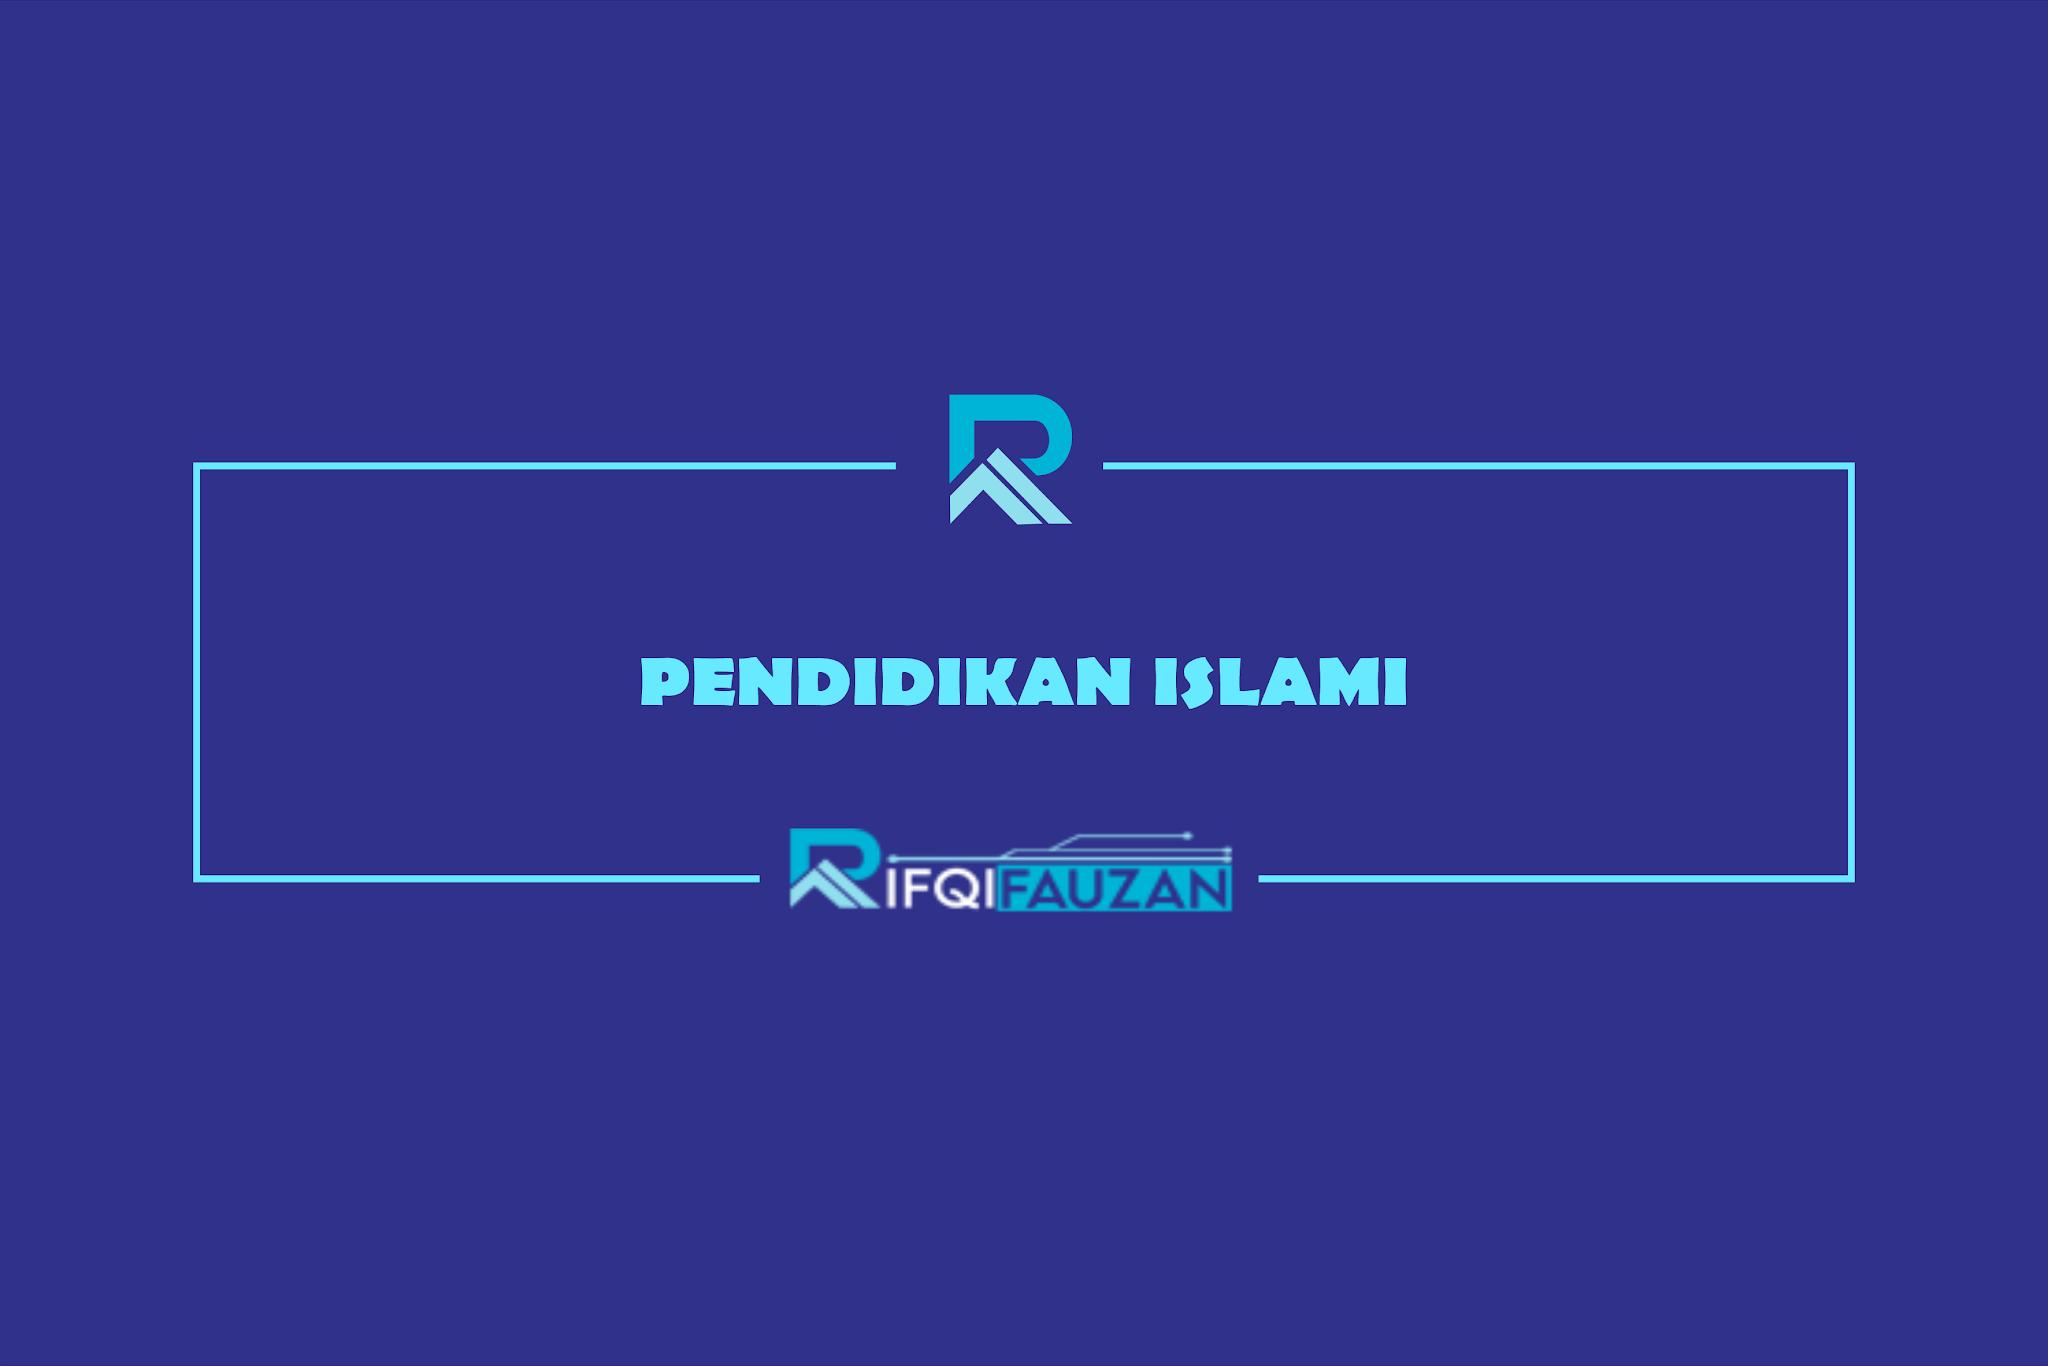 pendidikan islami